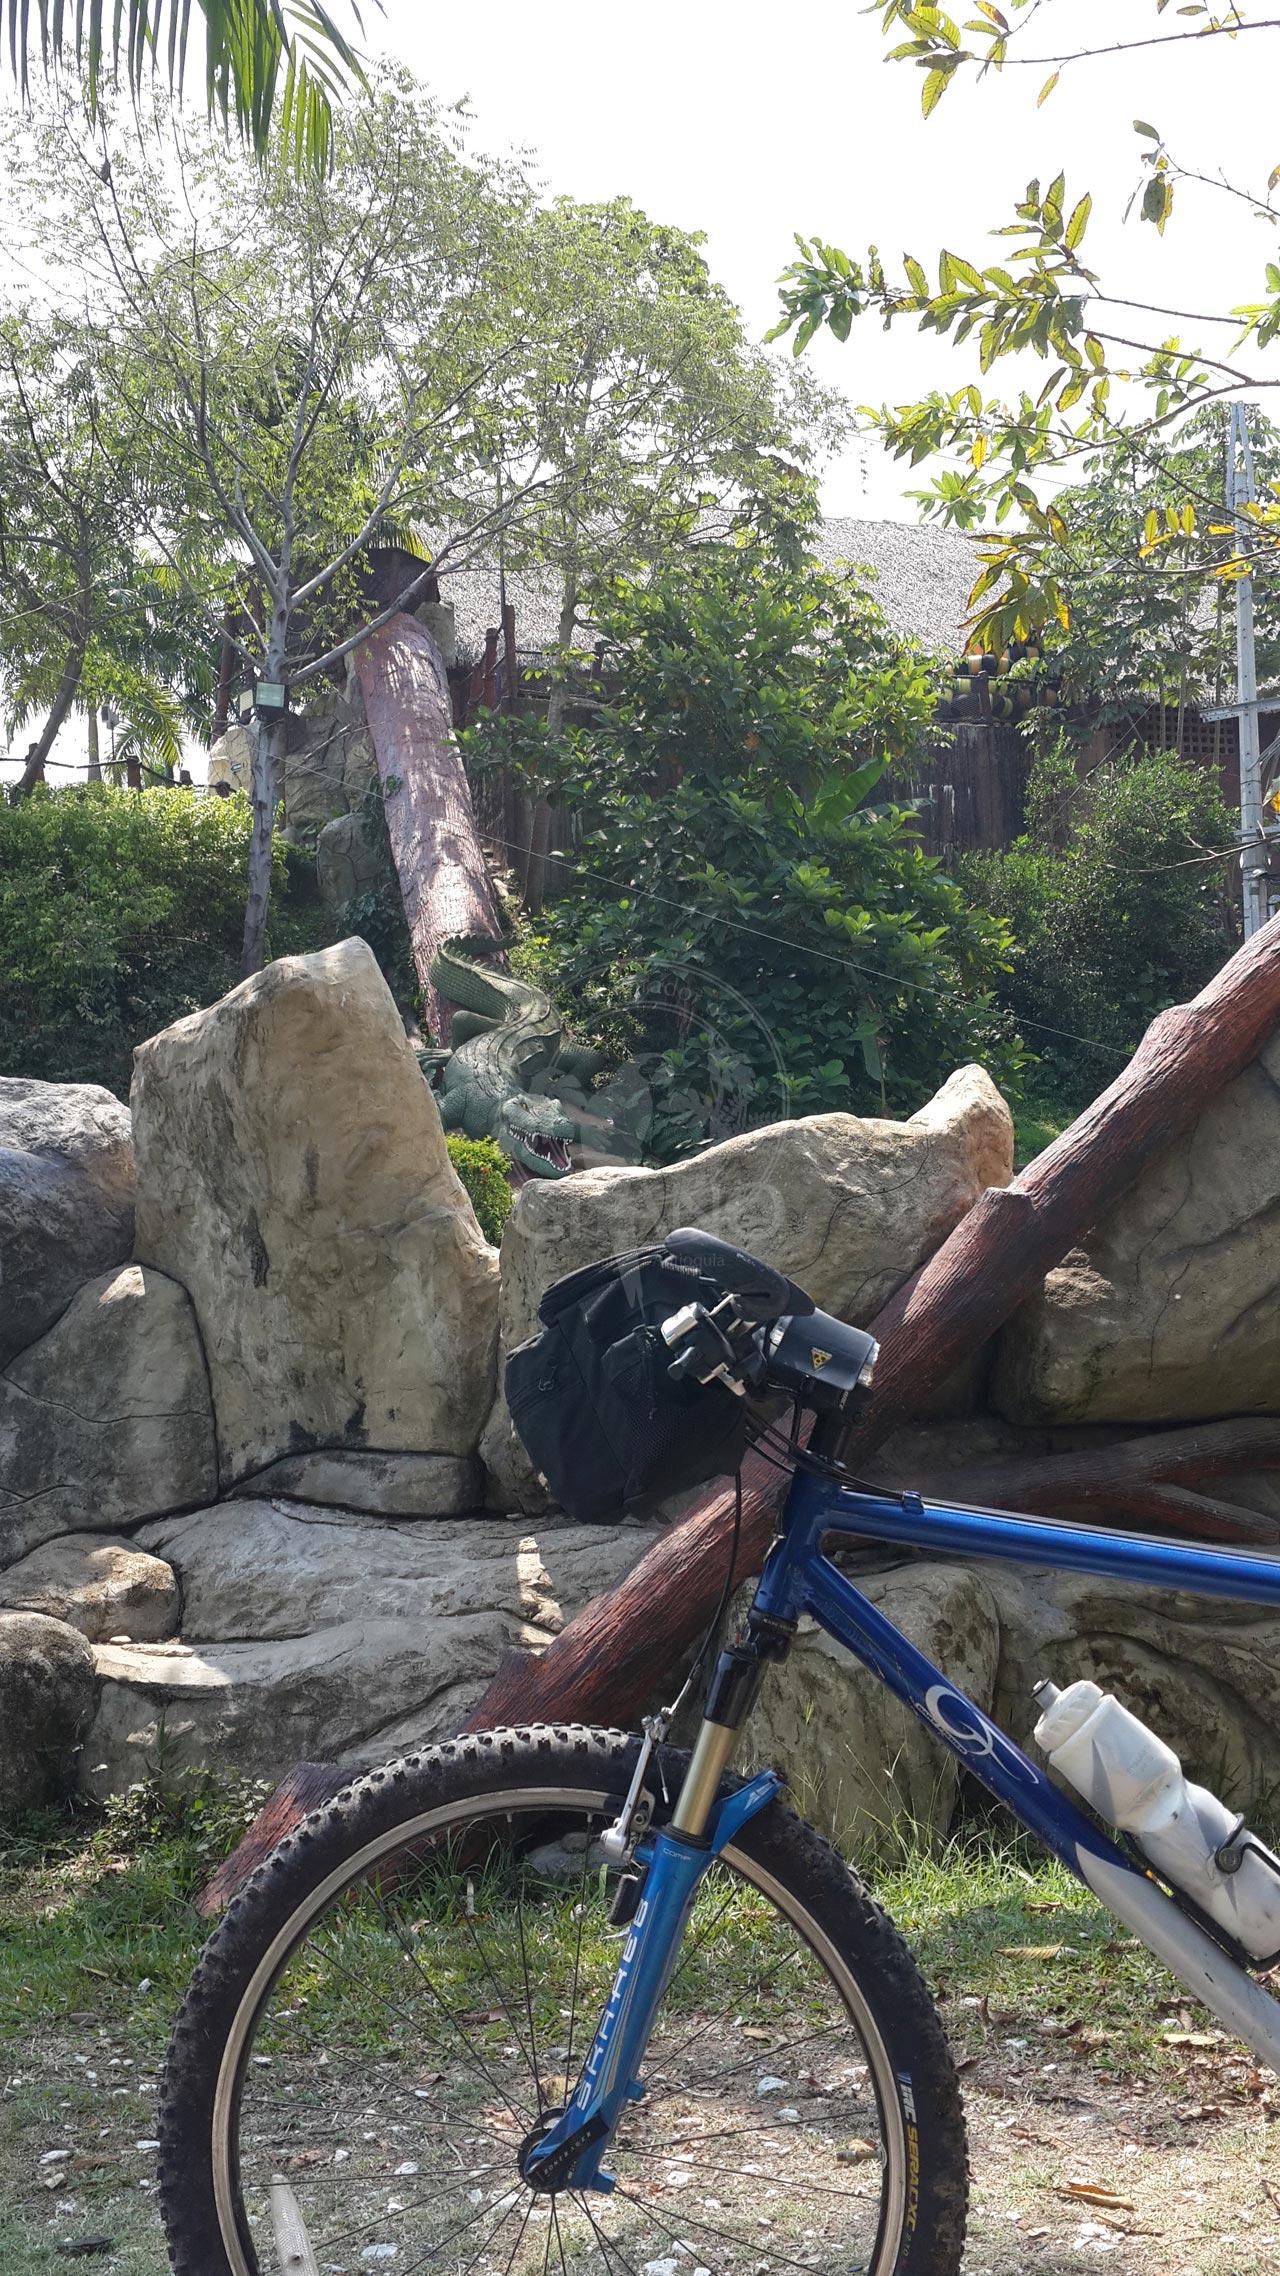 Al parque en bici - Hotel & Restaurante Parador del Gitano - Nápoles - Doradal - Rio claro